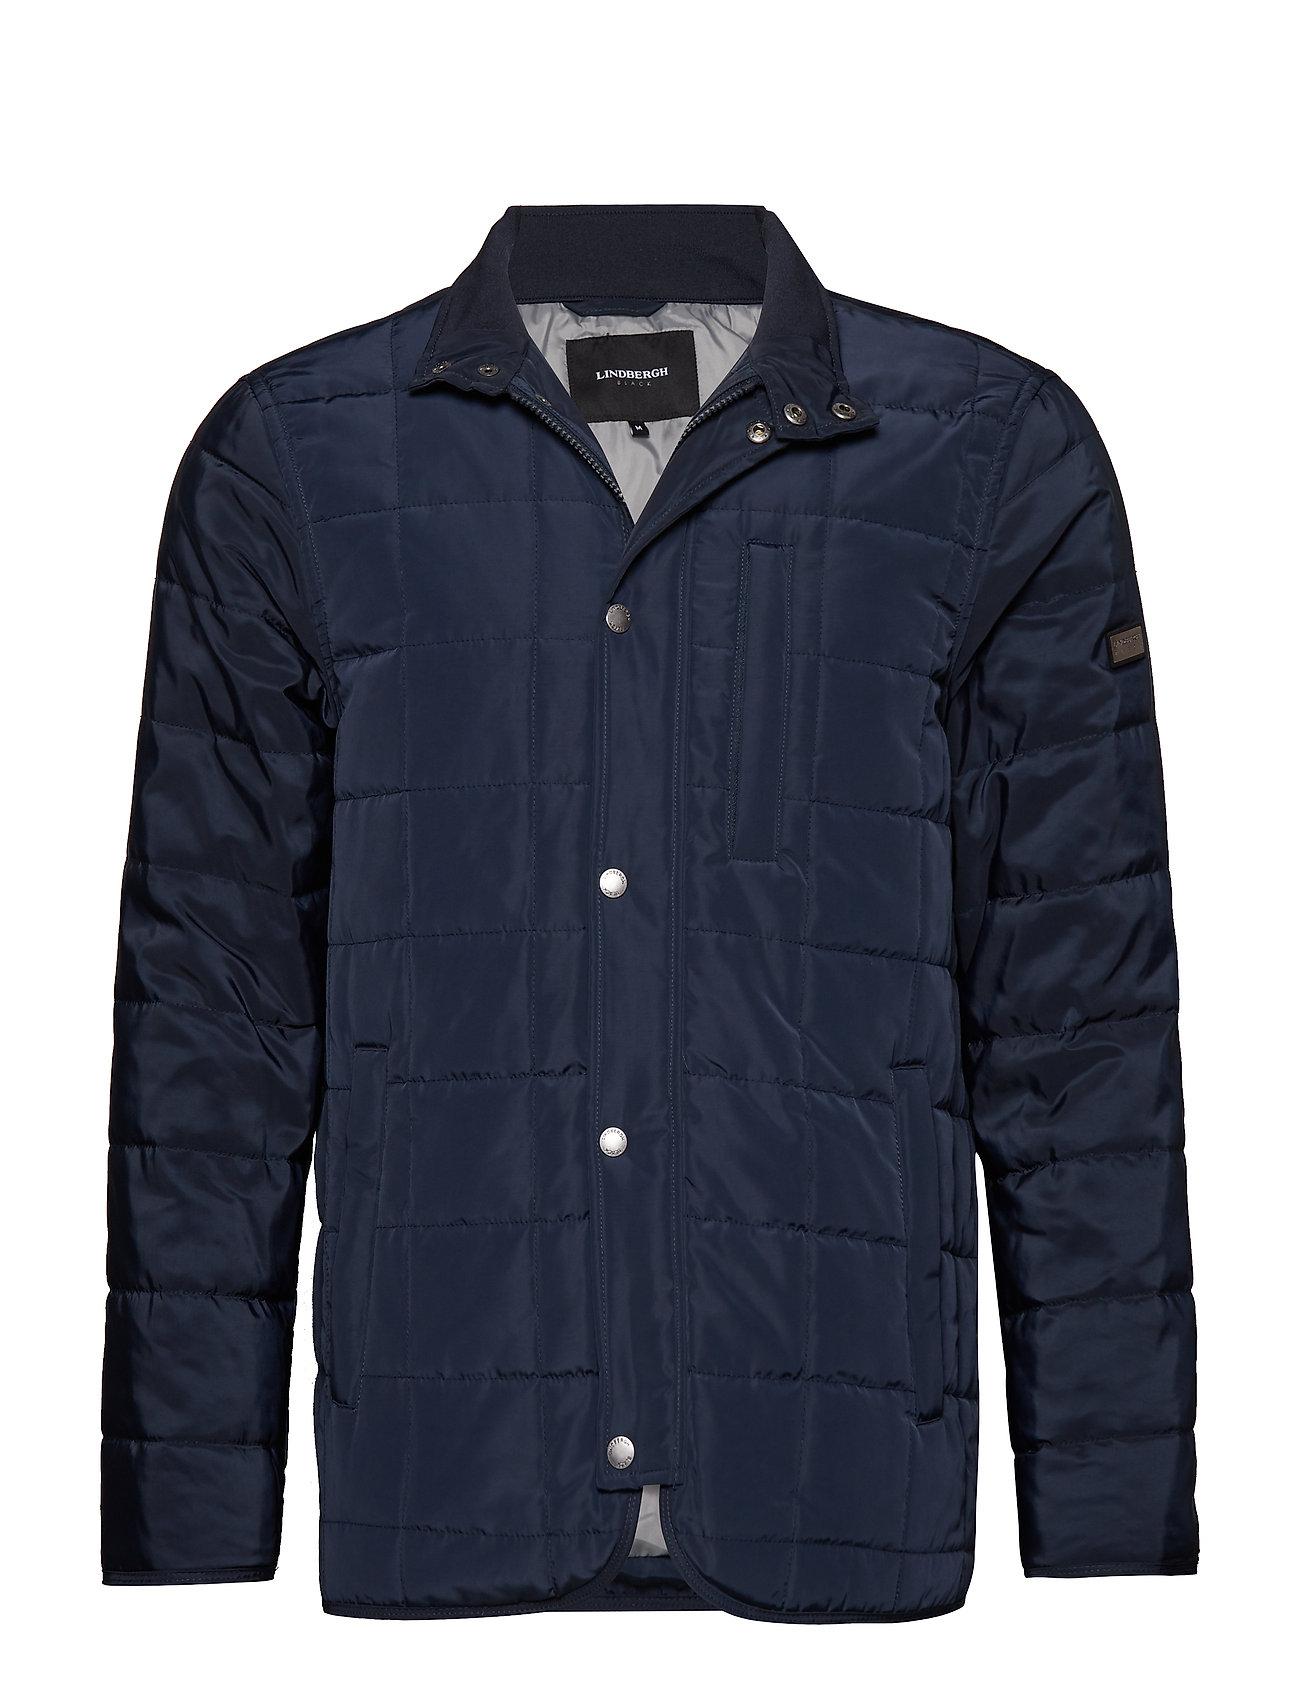 Lindbergh Quilted jacket - DK BLUE